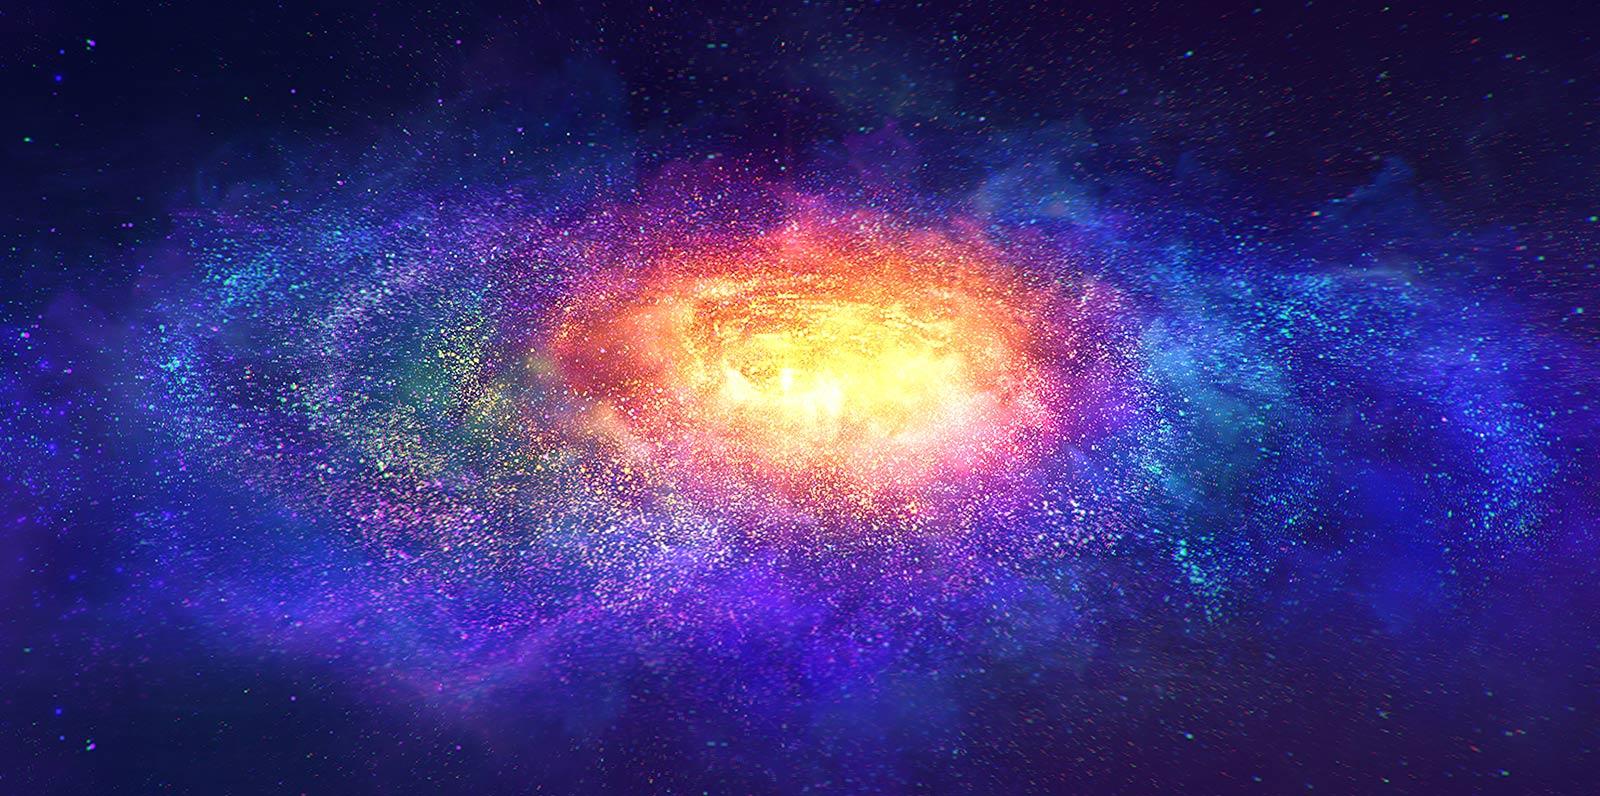 Milioni di minuscole particelle colorate nello spazio